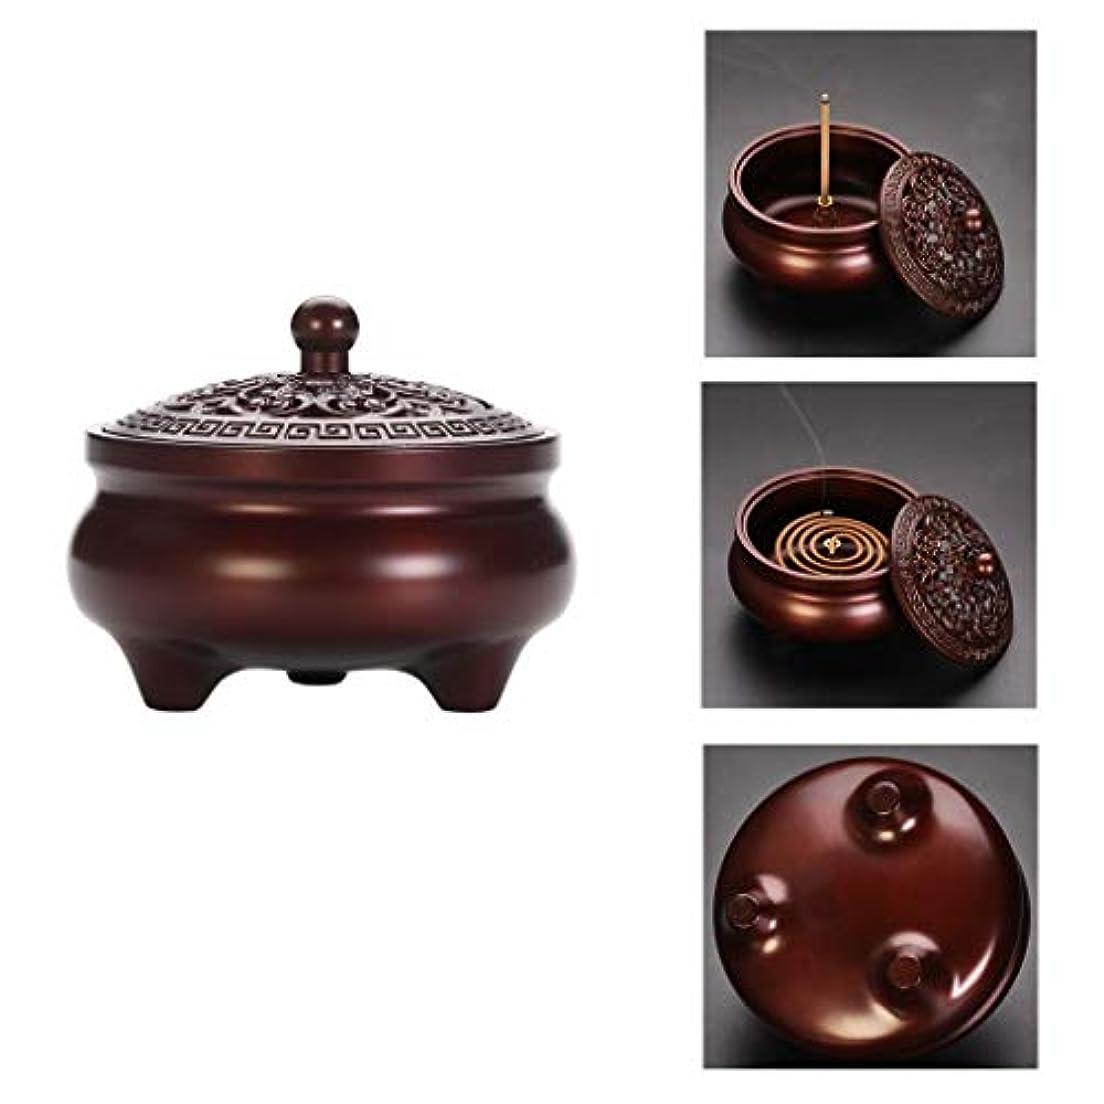 オペレーター慣性アグネスグレイ芳香器?アロマバーナー 純銅製メカニズム香炉シンプルでエレガントな香炉内三脚アロマセラピー炉 アロマバーナー (Color : Purple Lotus)